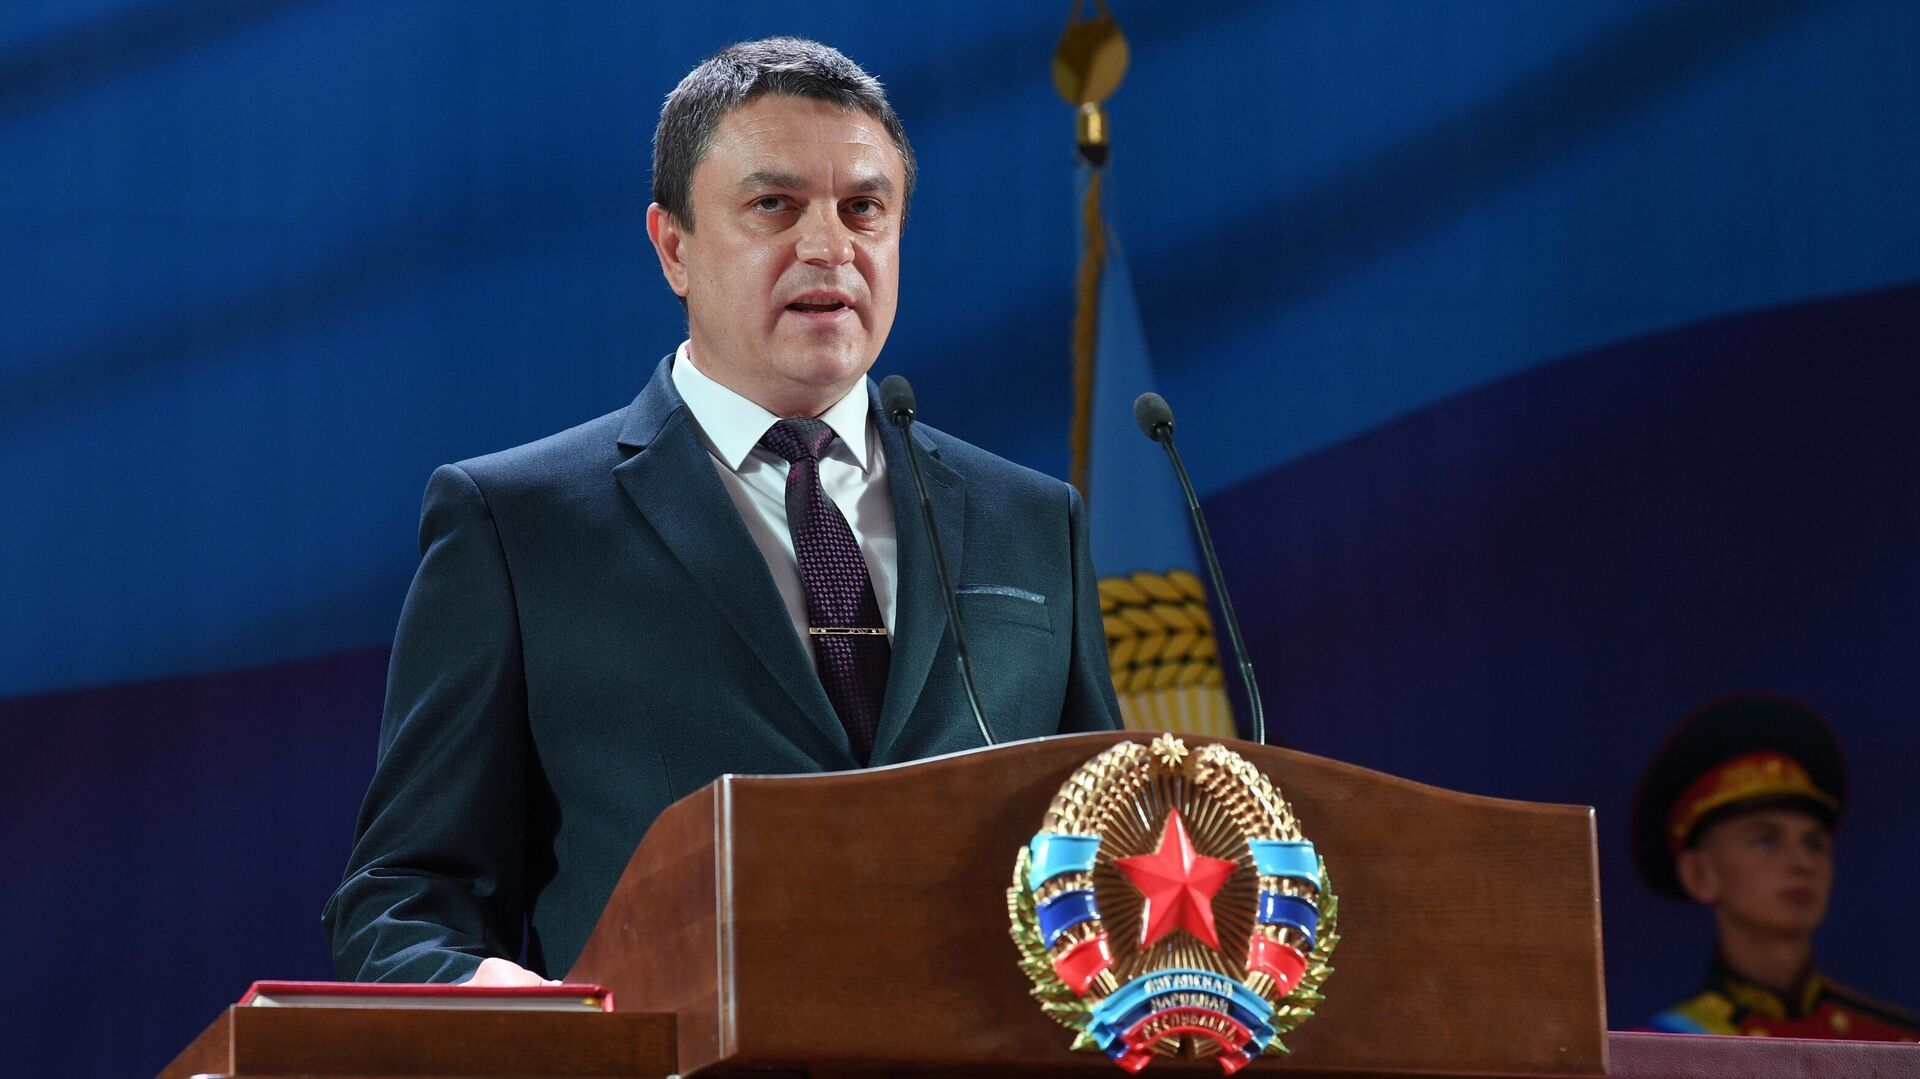 Глава Луганской народной республики Леонид Пасечник - РИА Новости, 1920, 07.05.2021